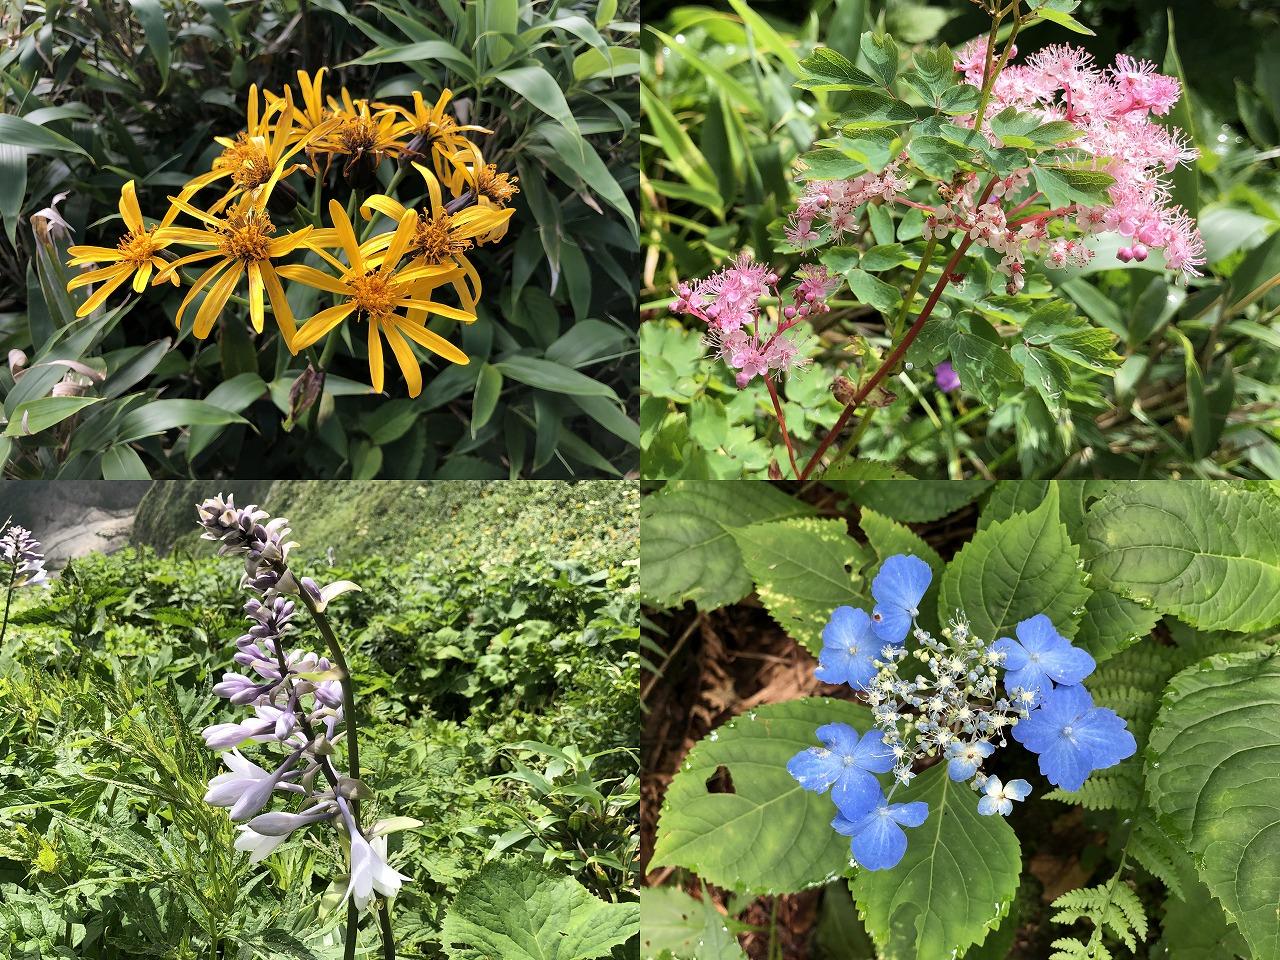 雨飾山に咲く花たち